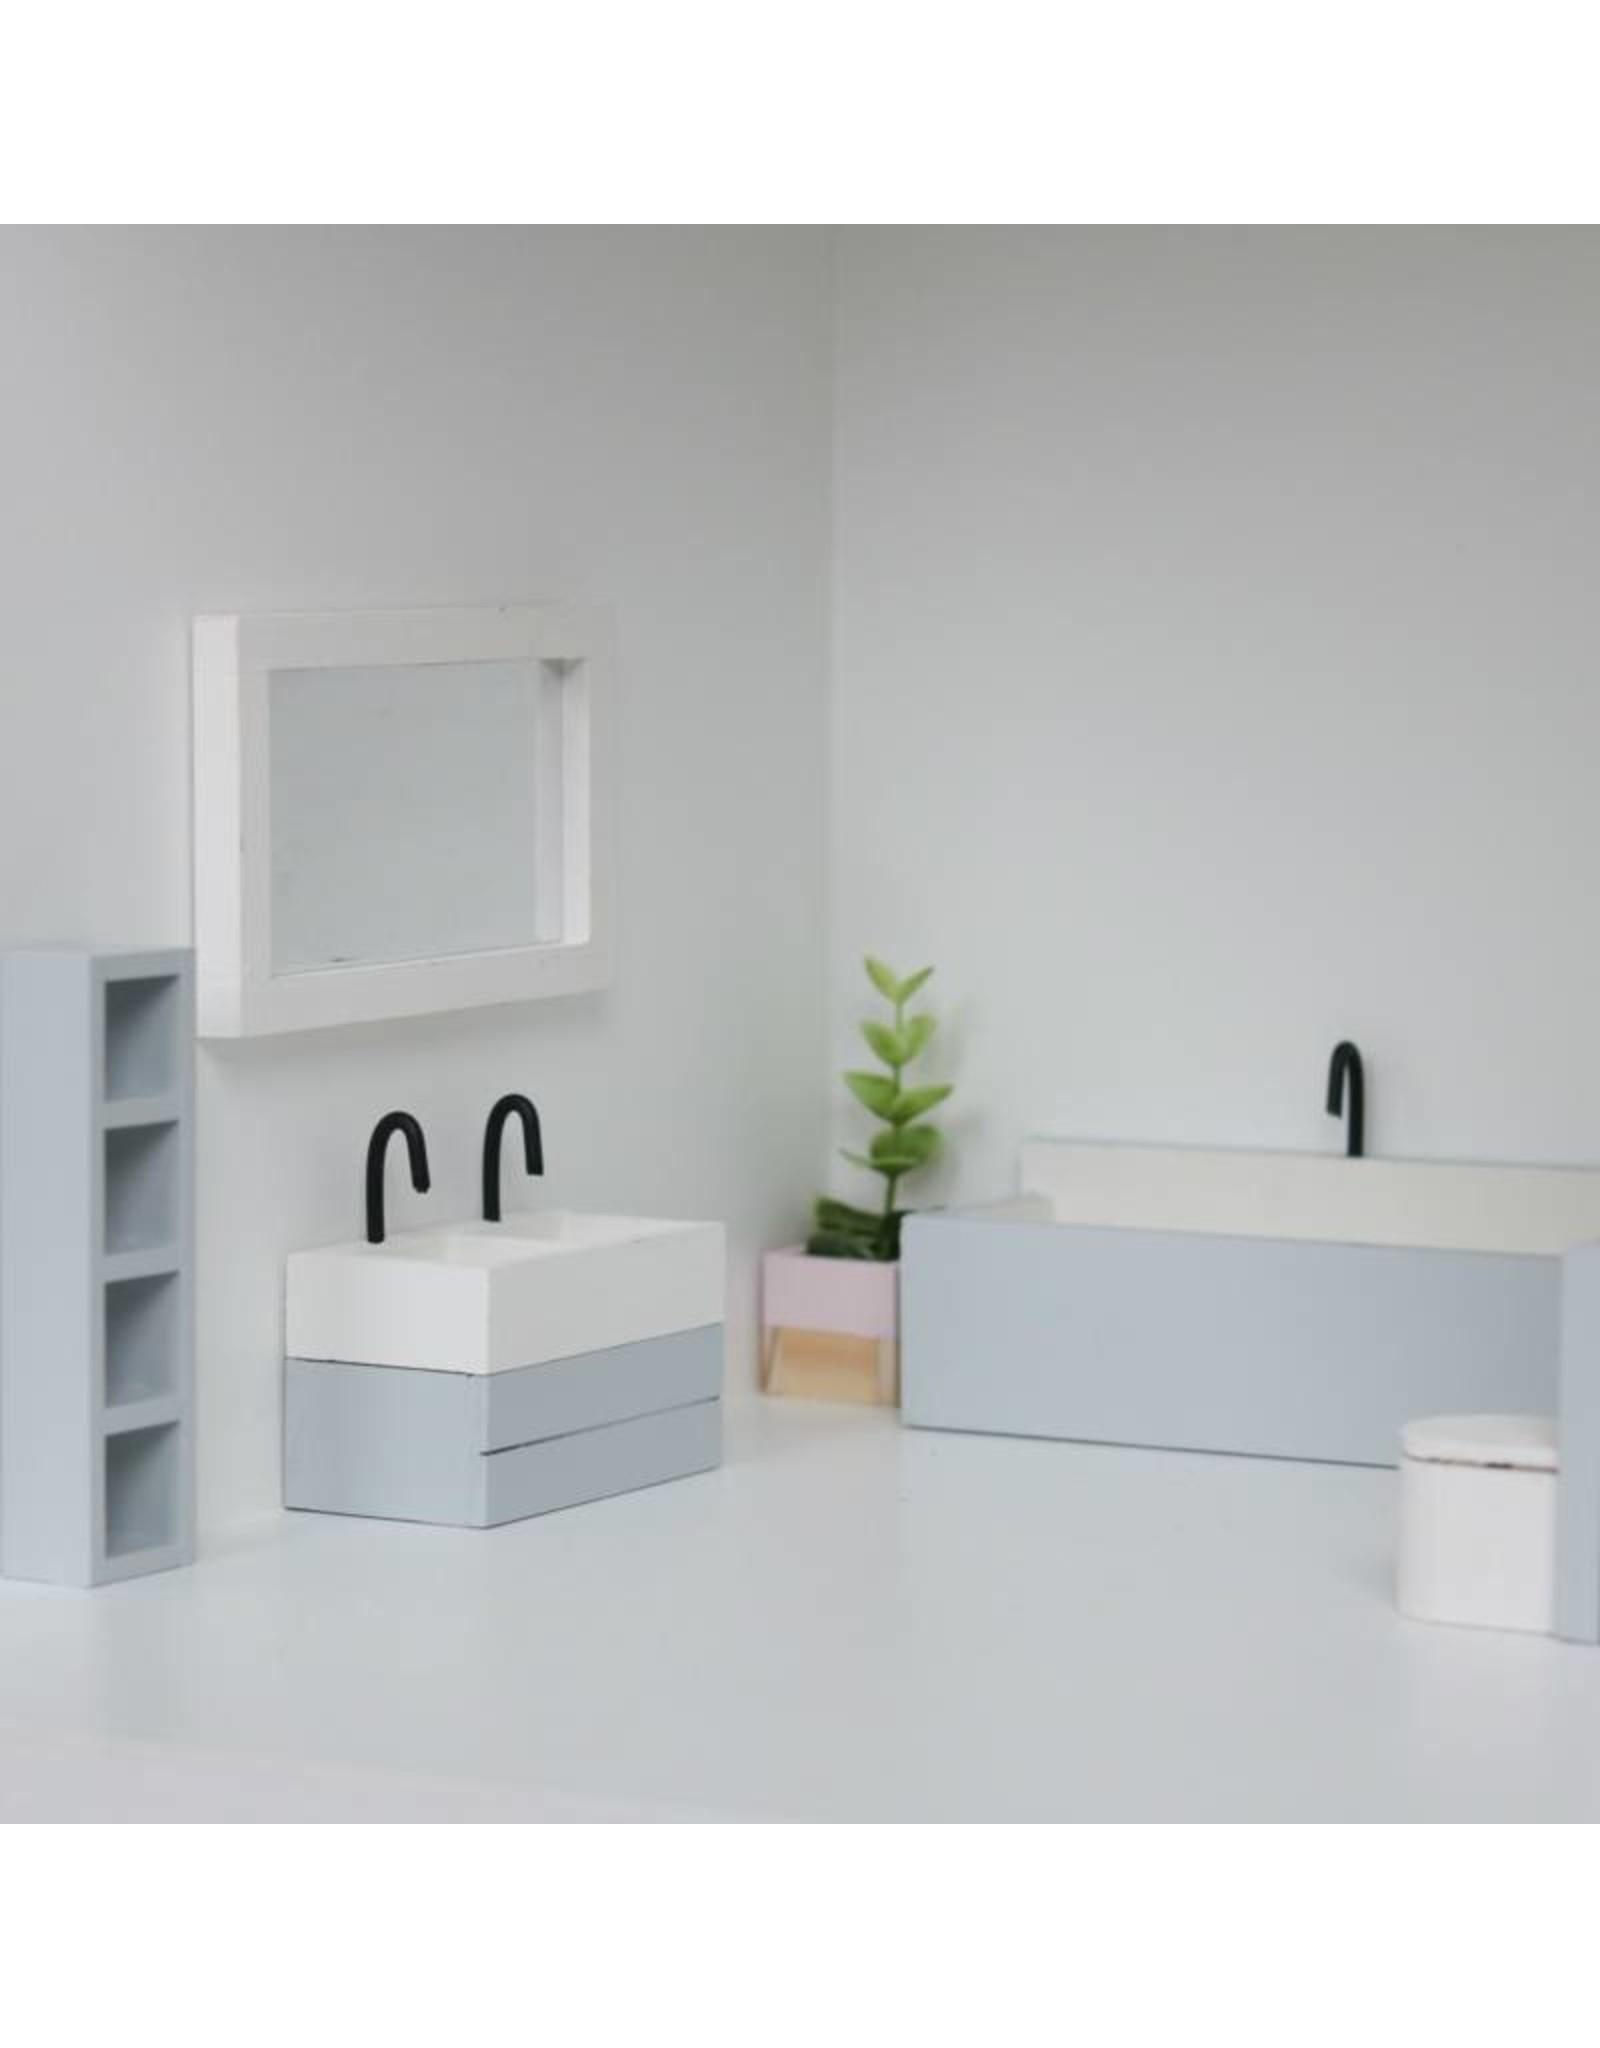 Project Dollhouse Bathroom mirror Grey